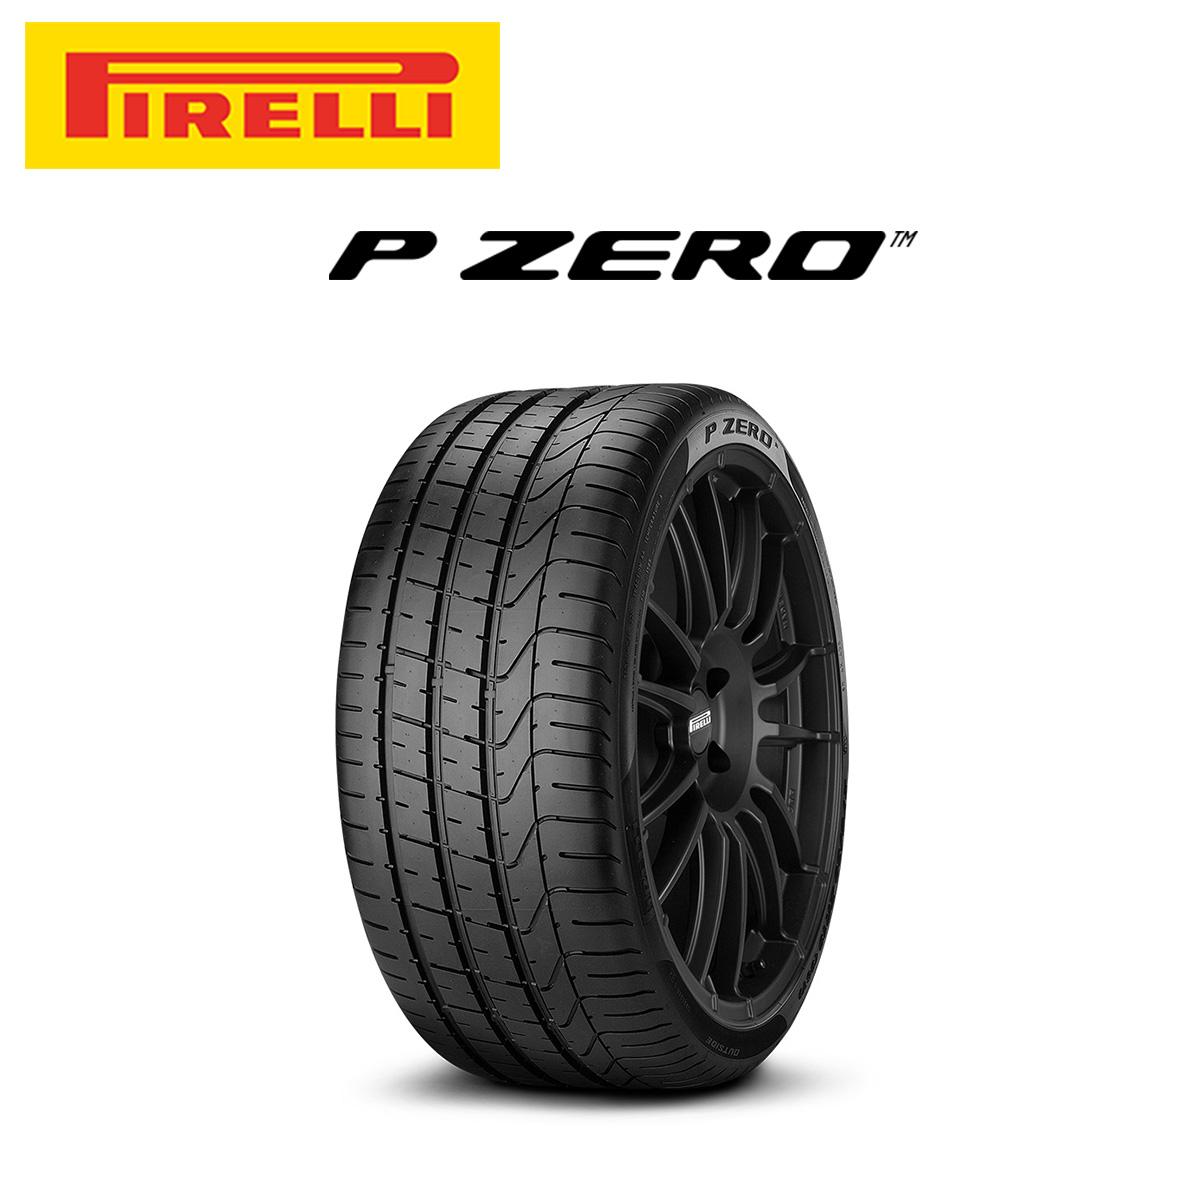 ピレリ PIRELLI P ZERO ピーゼロ 20インチ サマー タイヤ 1本 265/45R20 108Y XL MGT:マセラティ承認タイヤ 2611700